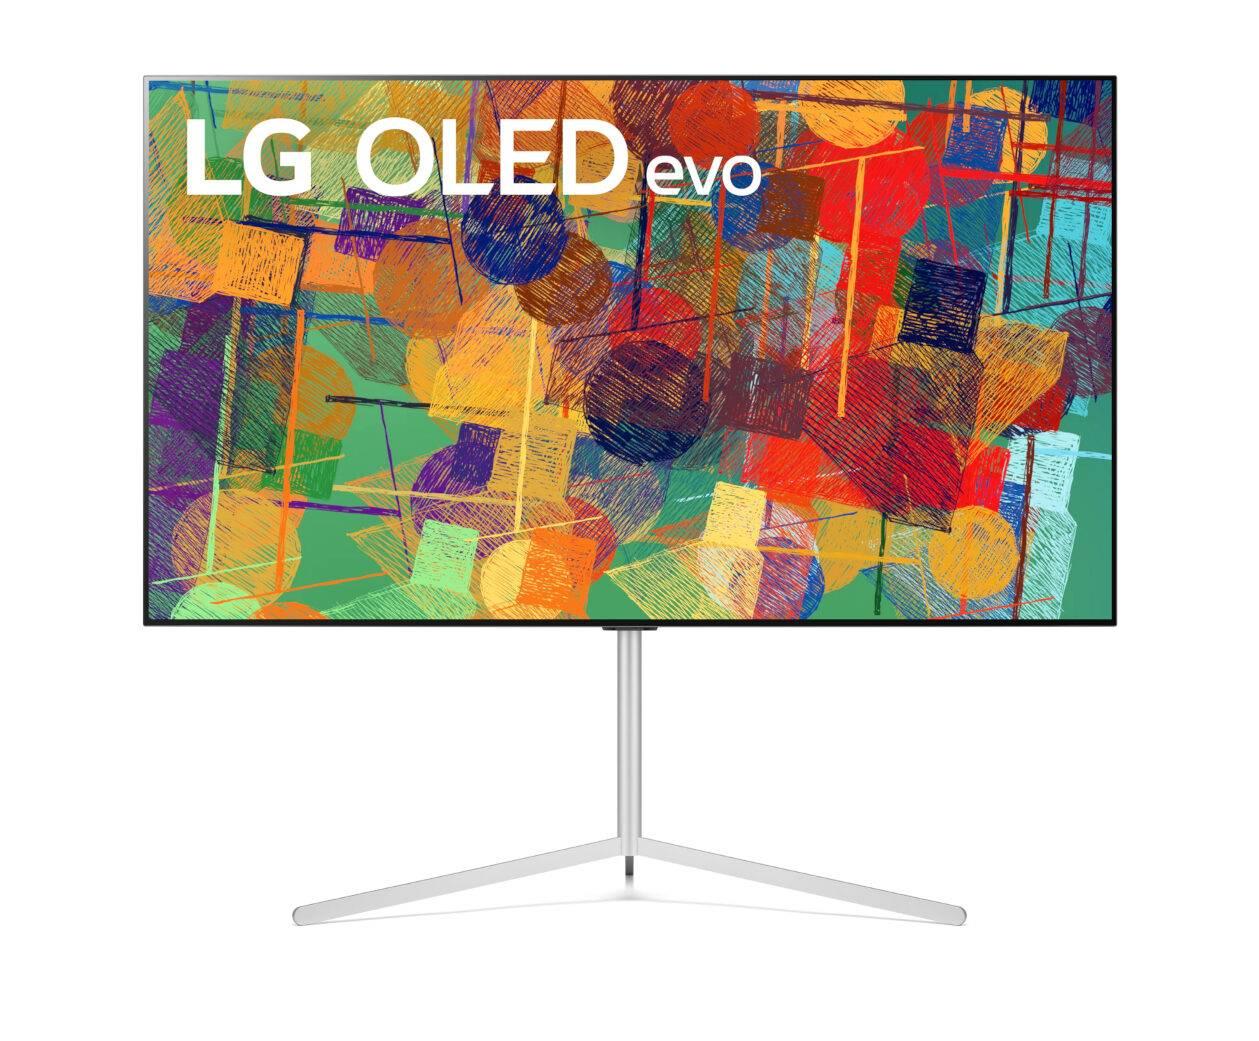 LG представляет новую разработку телевизионных технологий